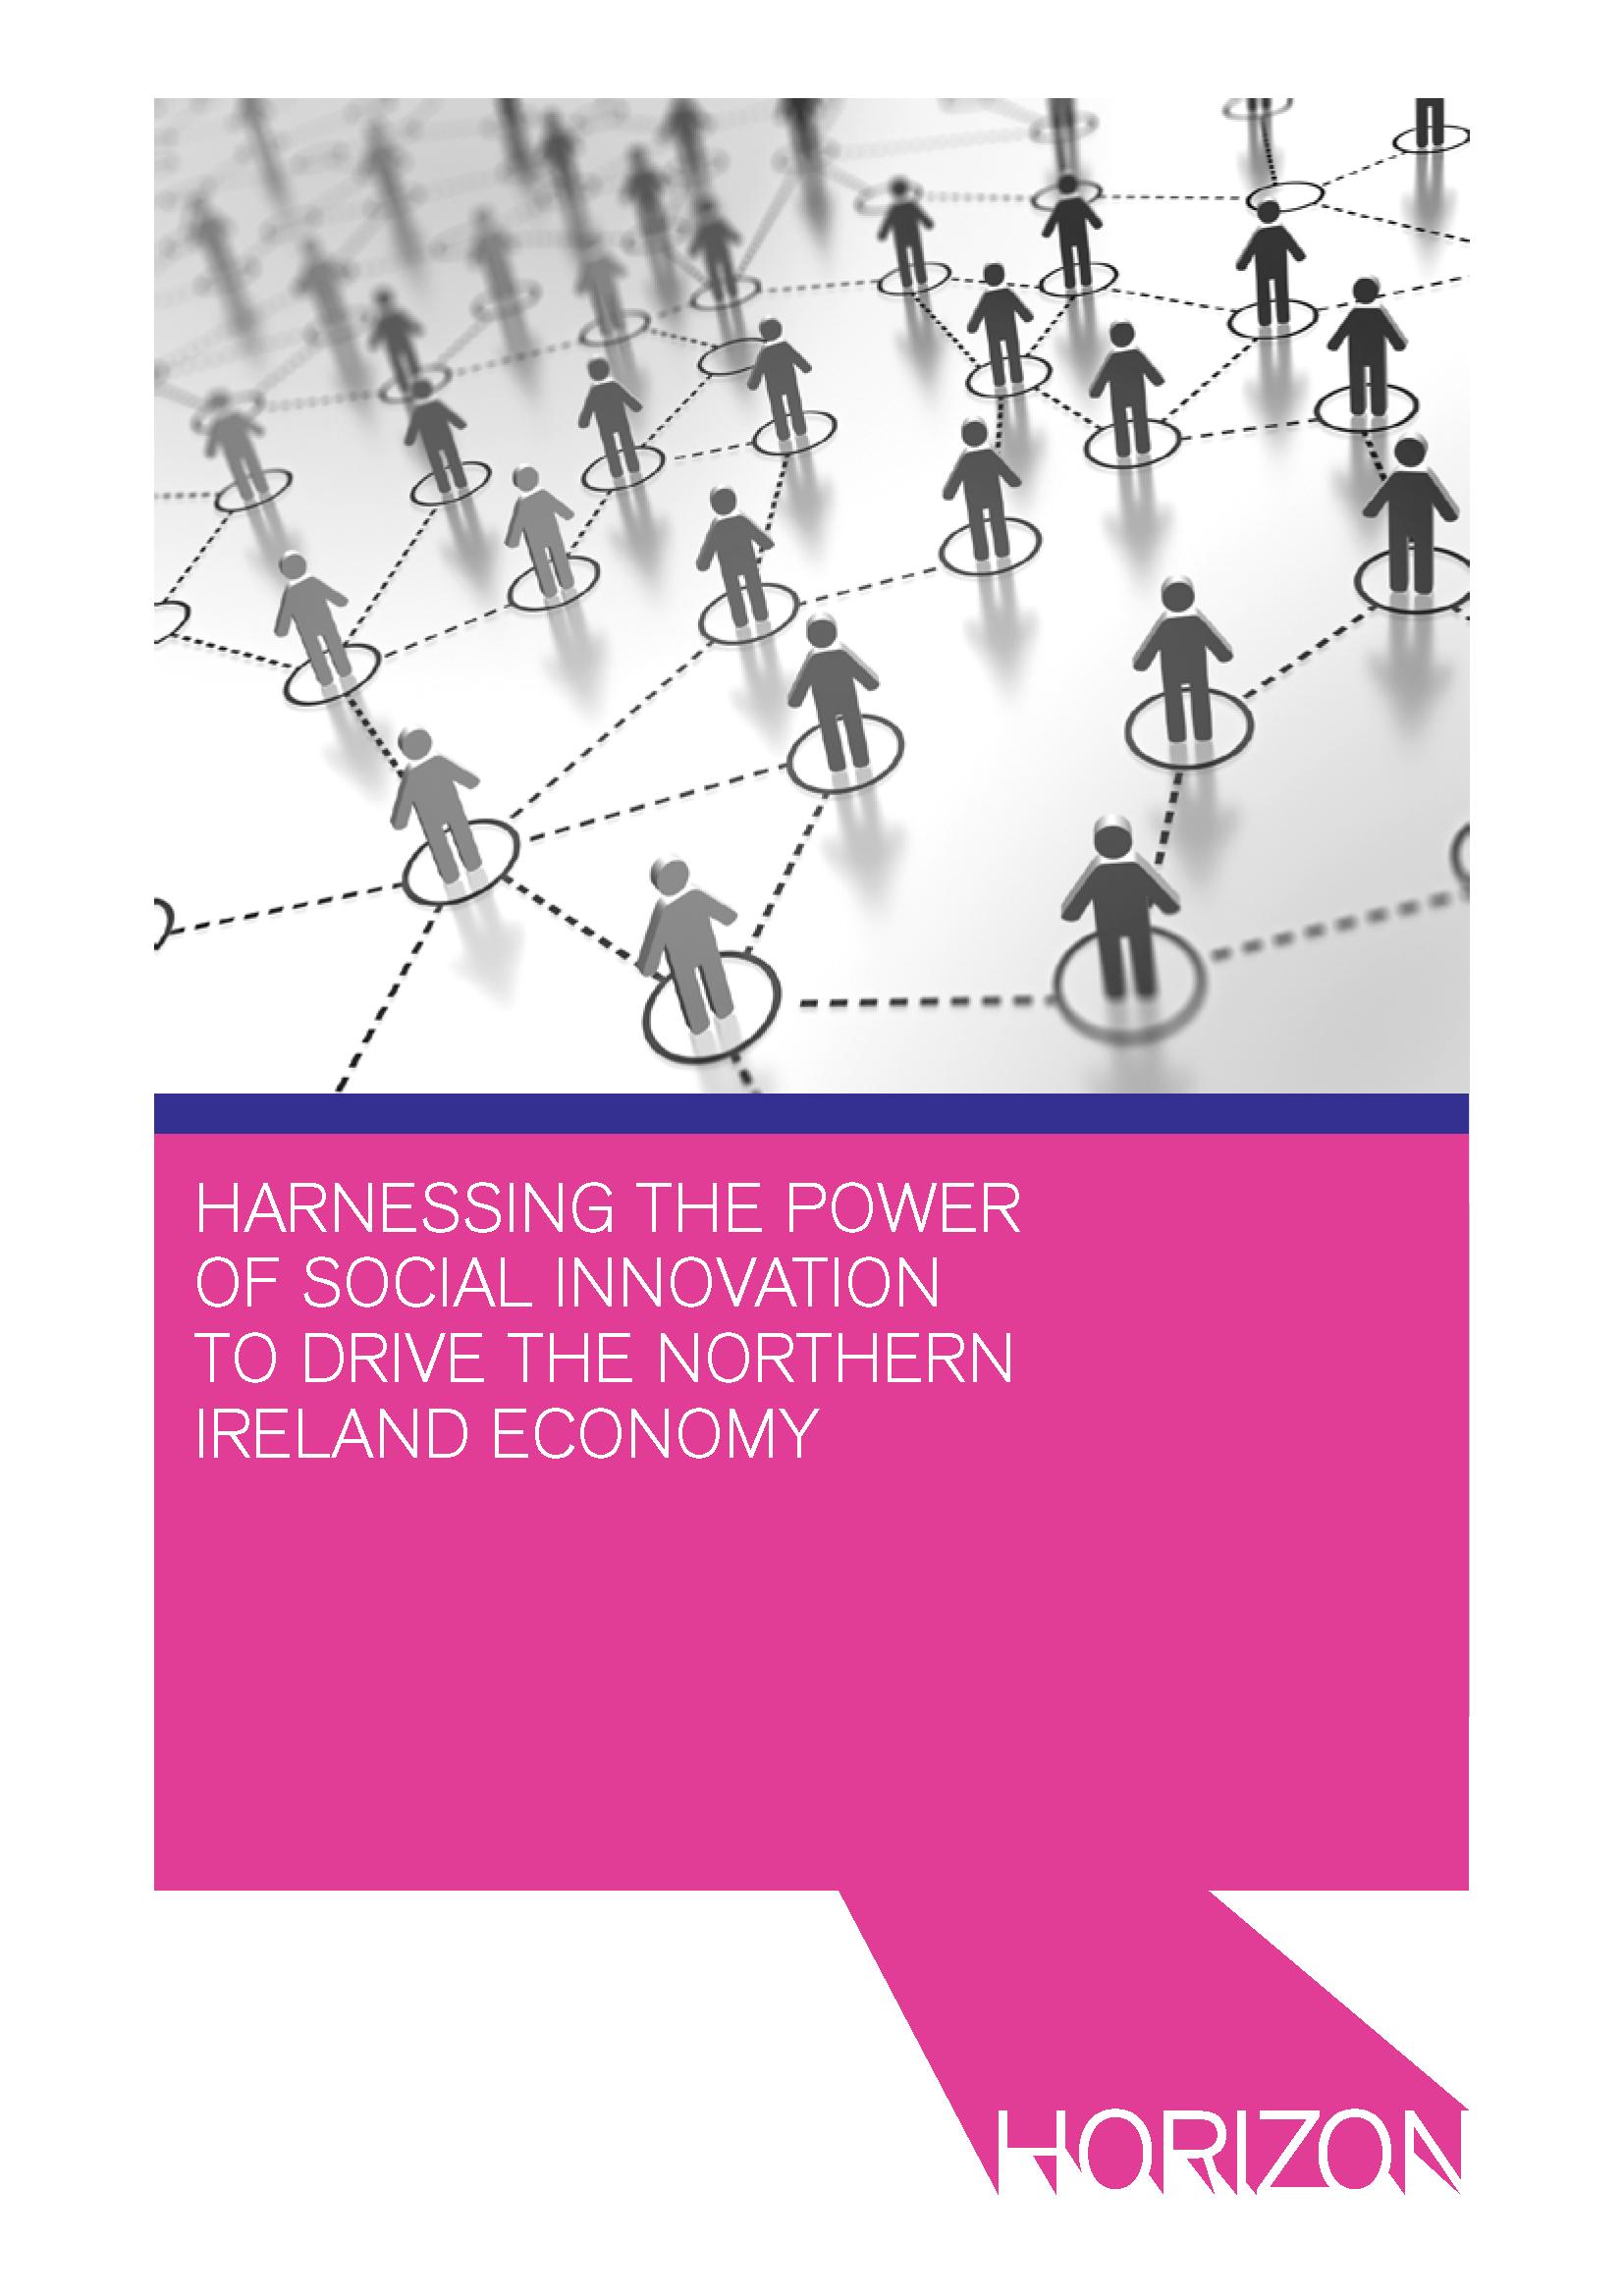 Social innovation report 2014